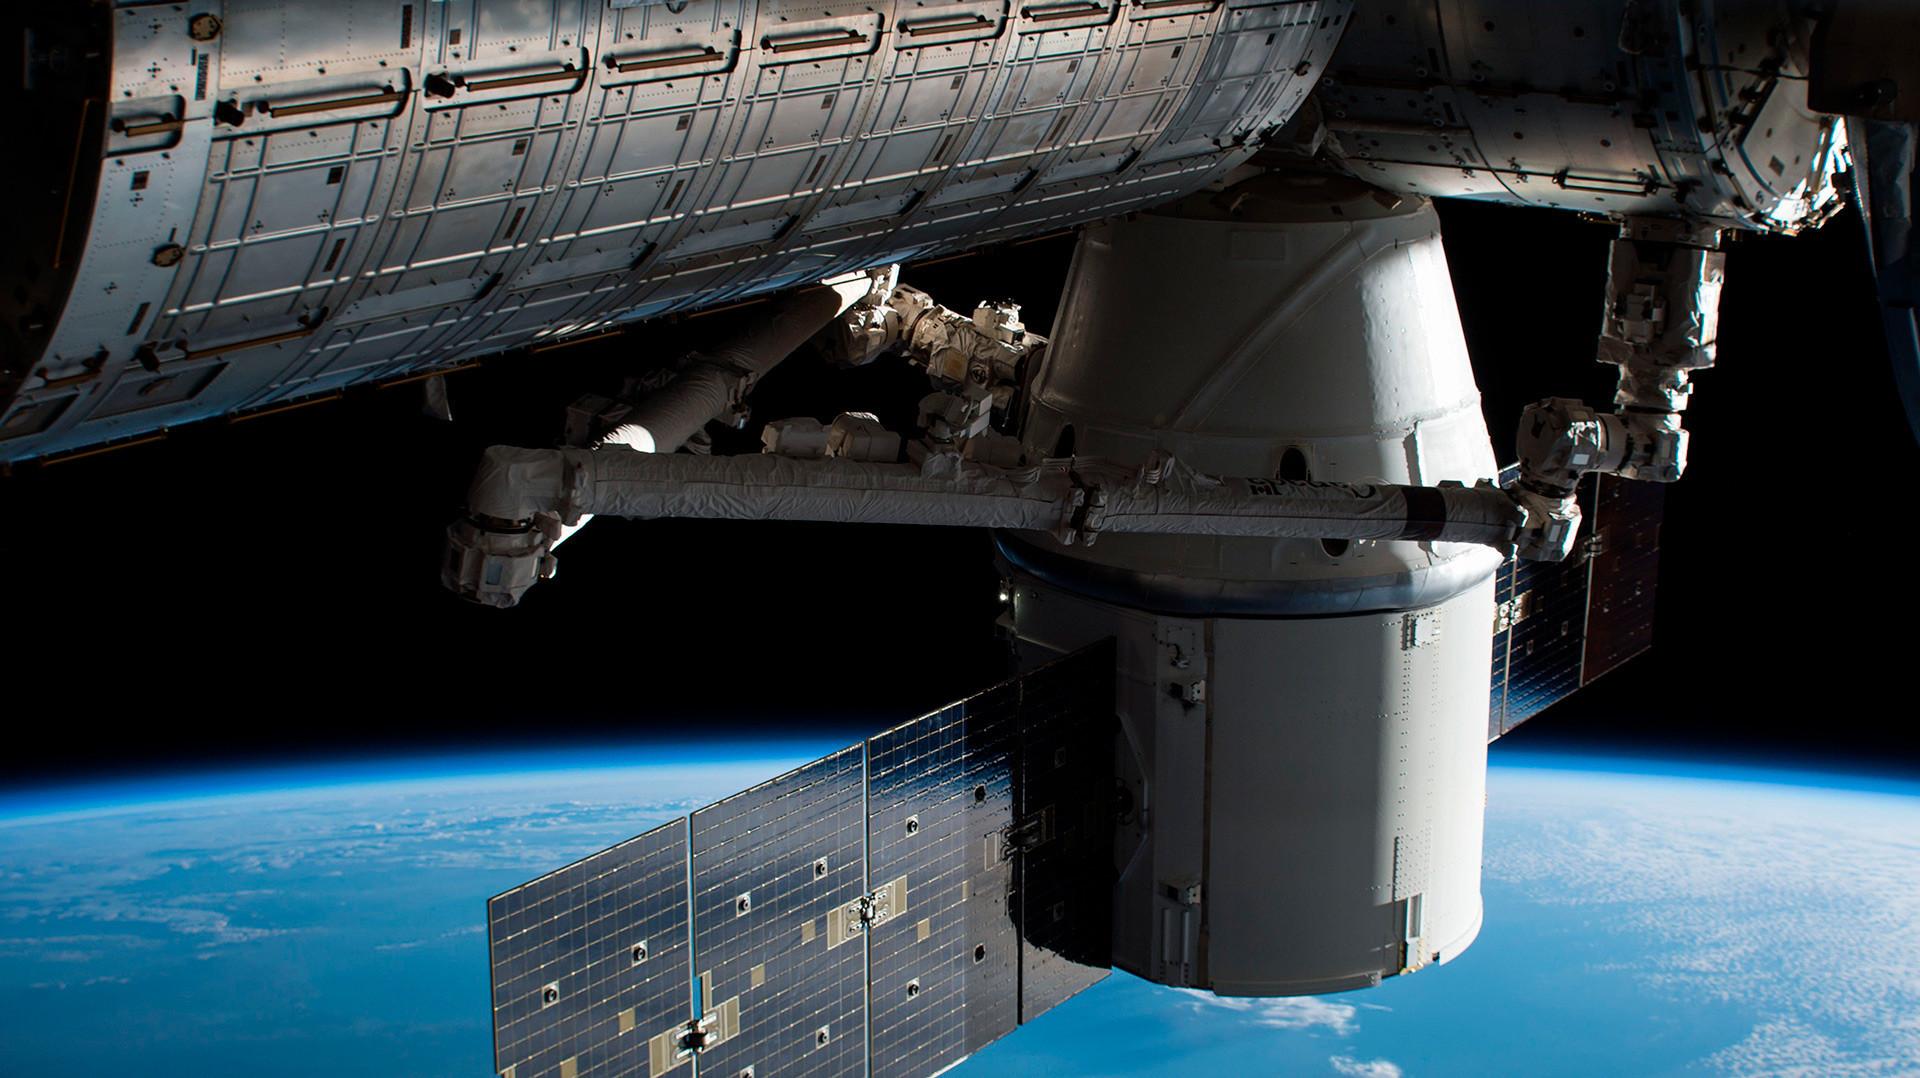 De acordo com o astrônomo David Whitehouse, a Estação Espacial Internacional (ISS) será desativada na próxima década e levada cuidadosamente para o polo de inacessibilidade.